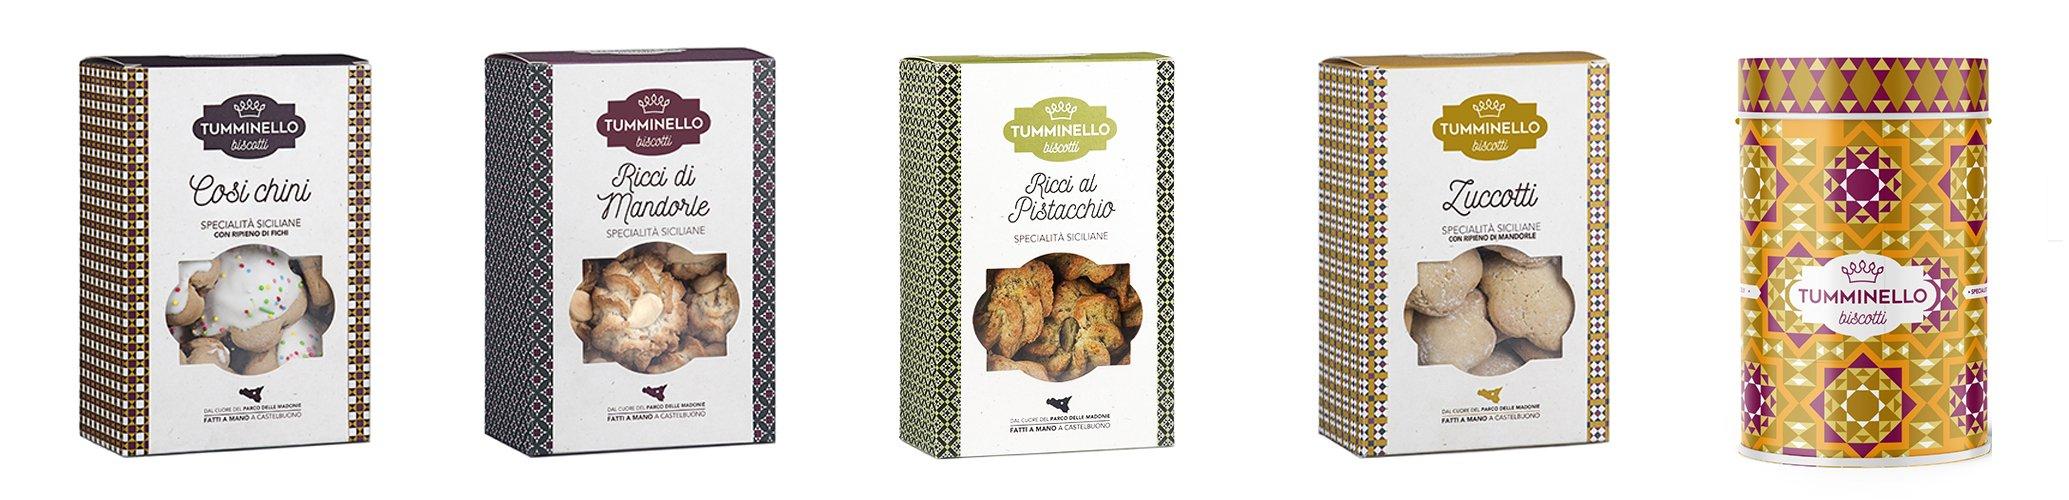 Assortimento Biscotti Siciliani Tumminello